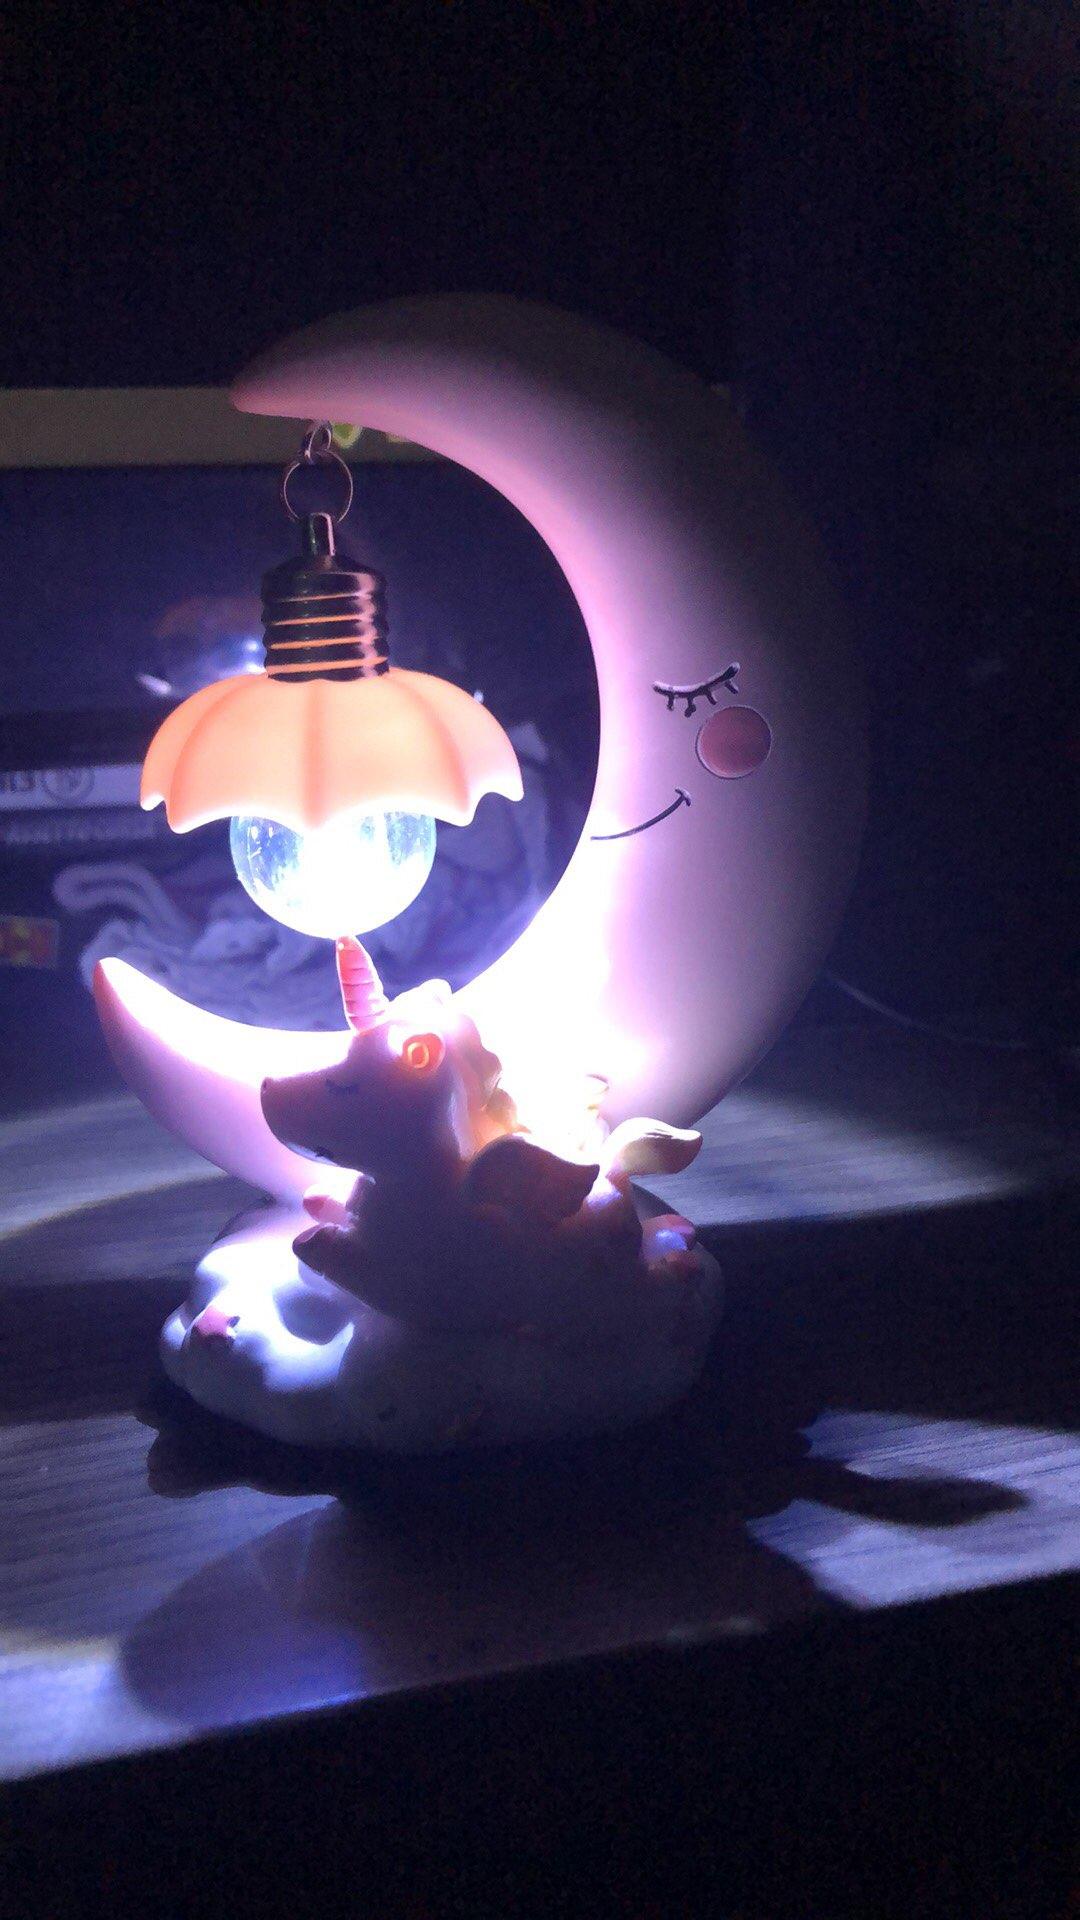 Lampe lune licorne pour enfant photo review